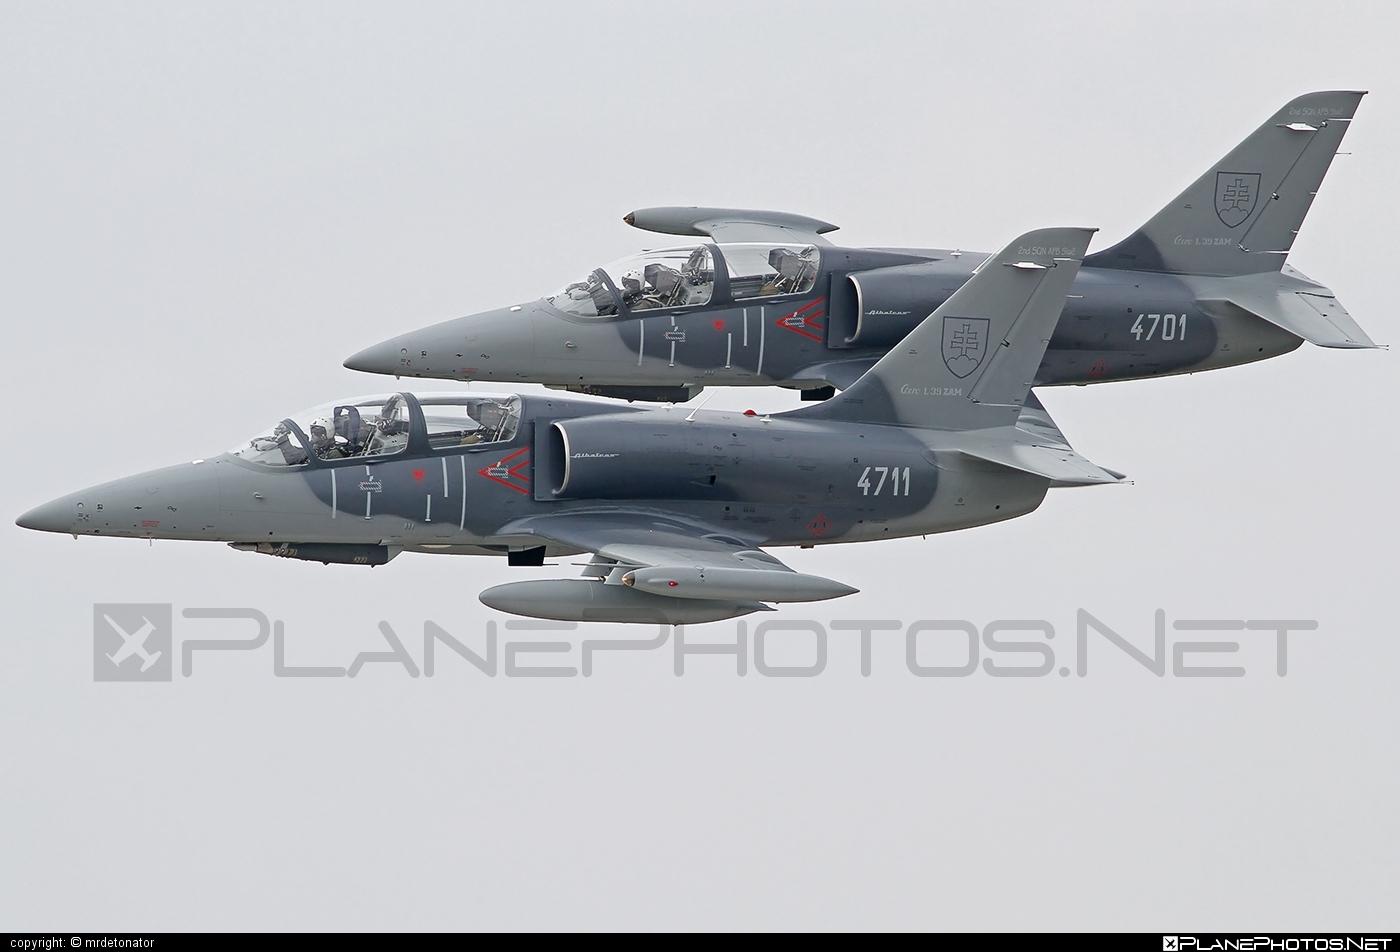 Vzdušné sily OS SR (Slovak Air Force) Aero L-39ZAM Albatros - 4711 #aero #slovakairforce #vzdusnesilyossr